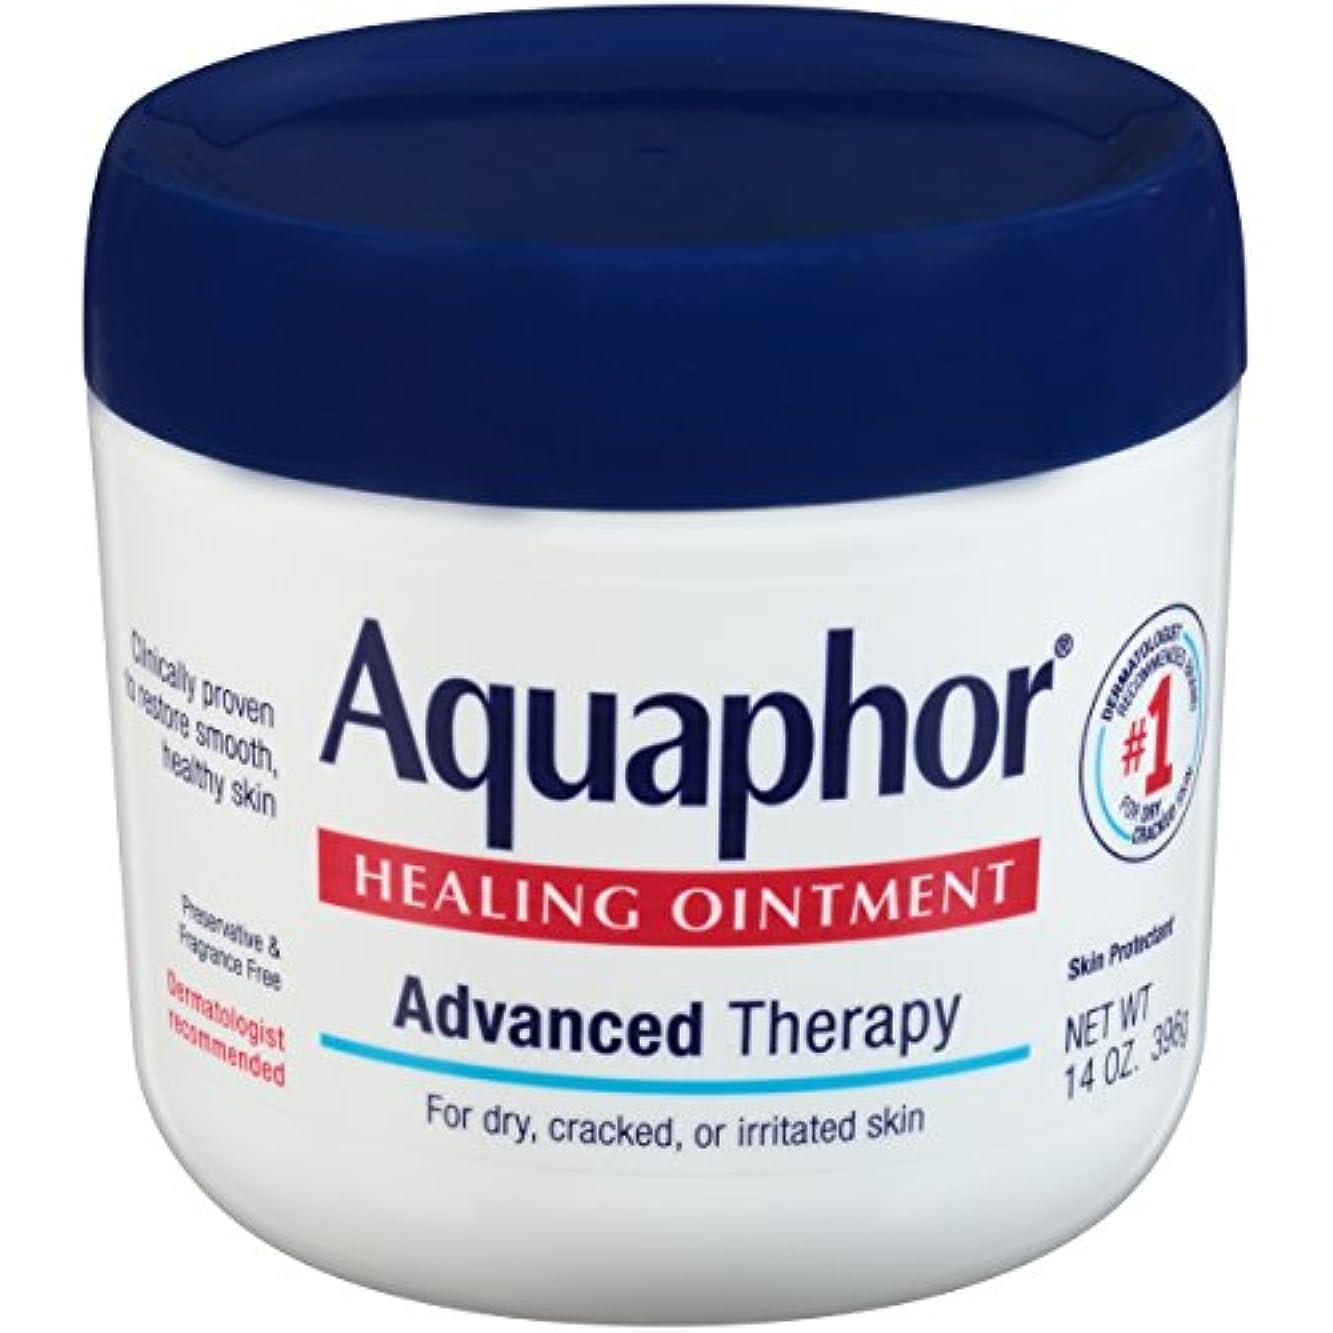 講義廃棄するそこ海外直送品Aquaphor Advanced Therapy Healing Ointment, 14 oz by Aquaphor